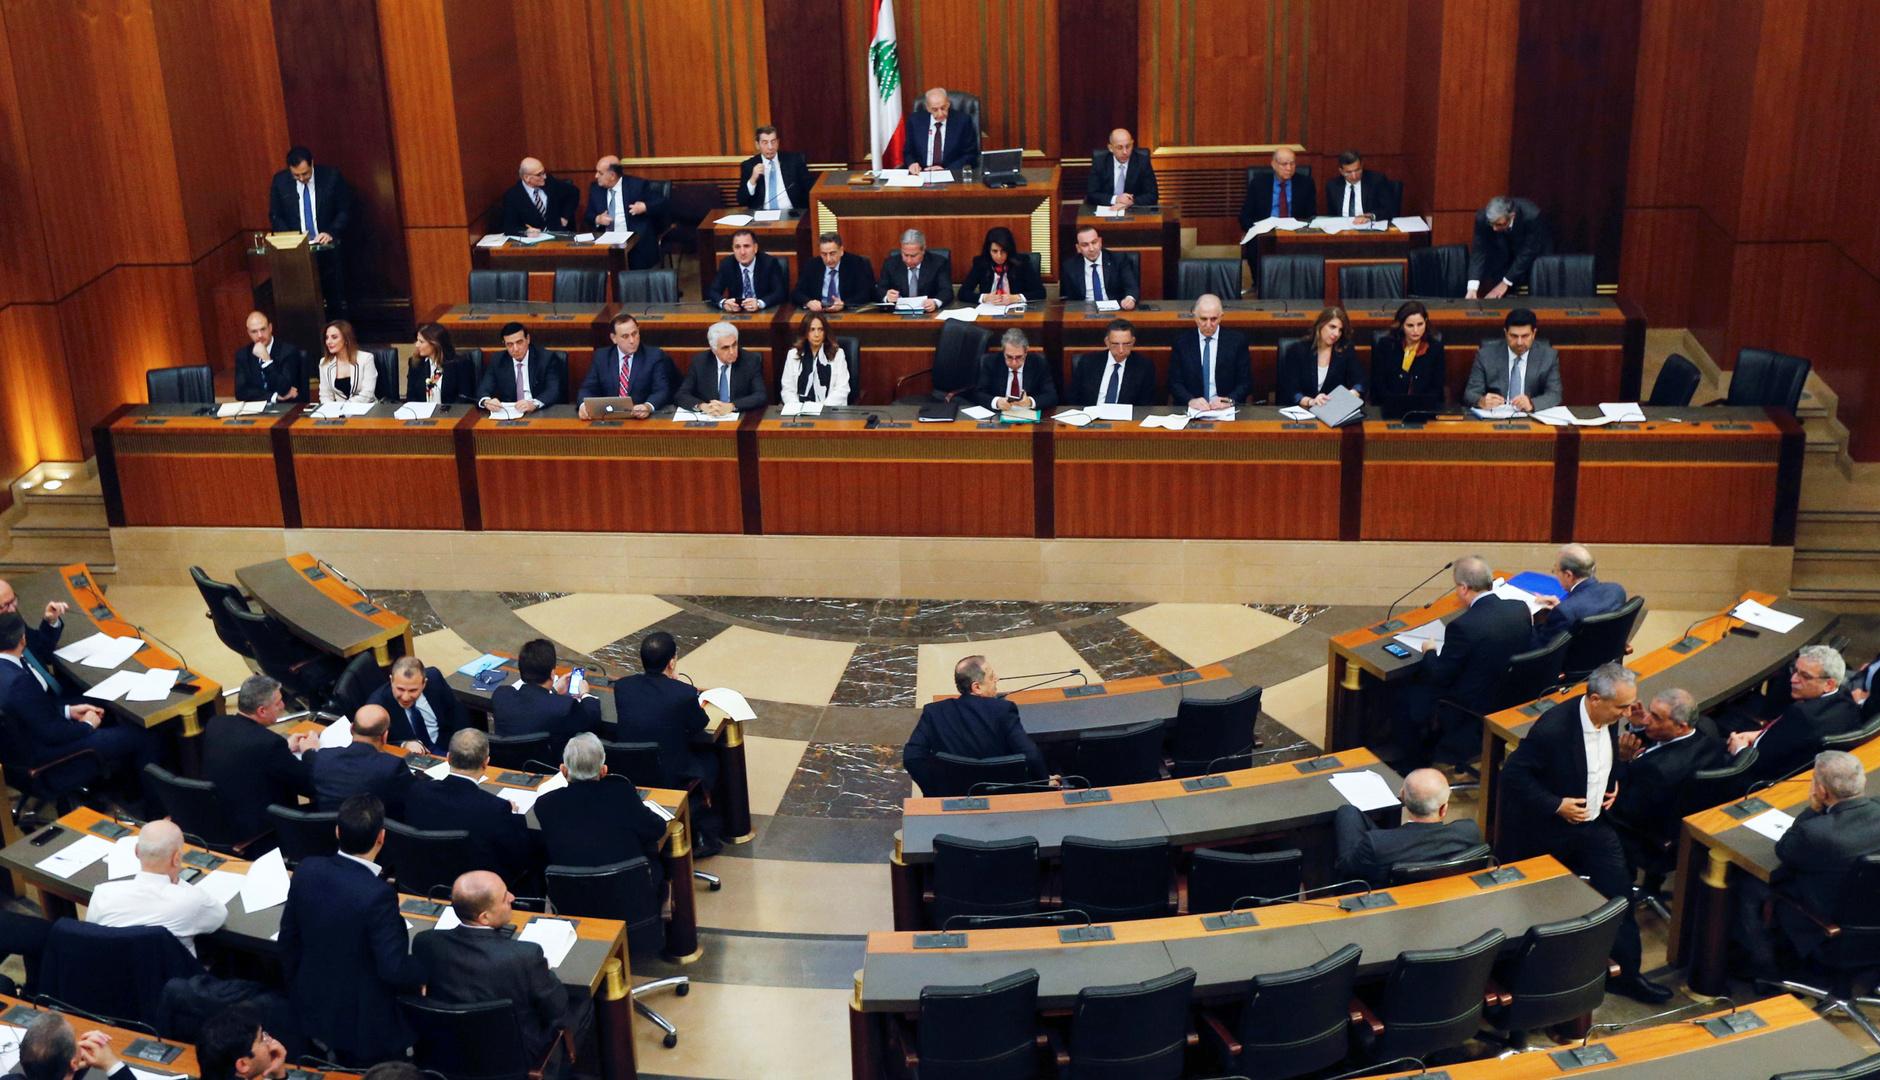 بري يحدد موعدا لدراسة رفع الحصانة عن 3 نواب في قضية مرفأ بيروت